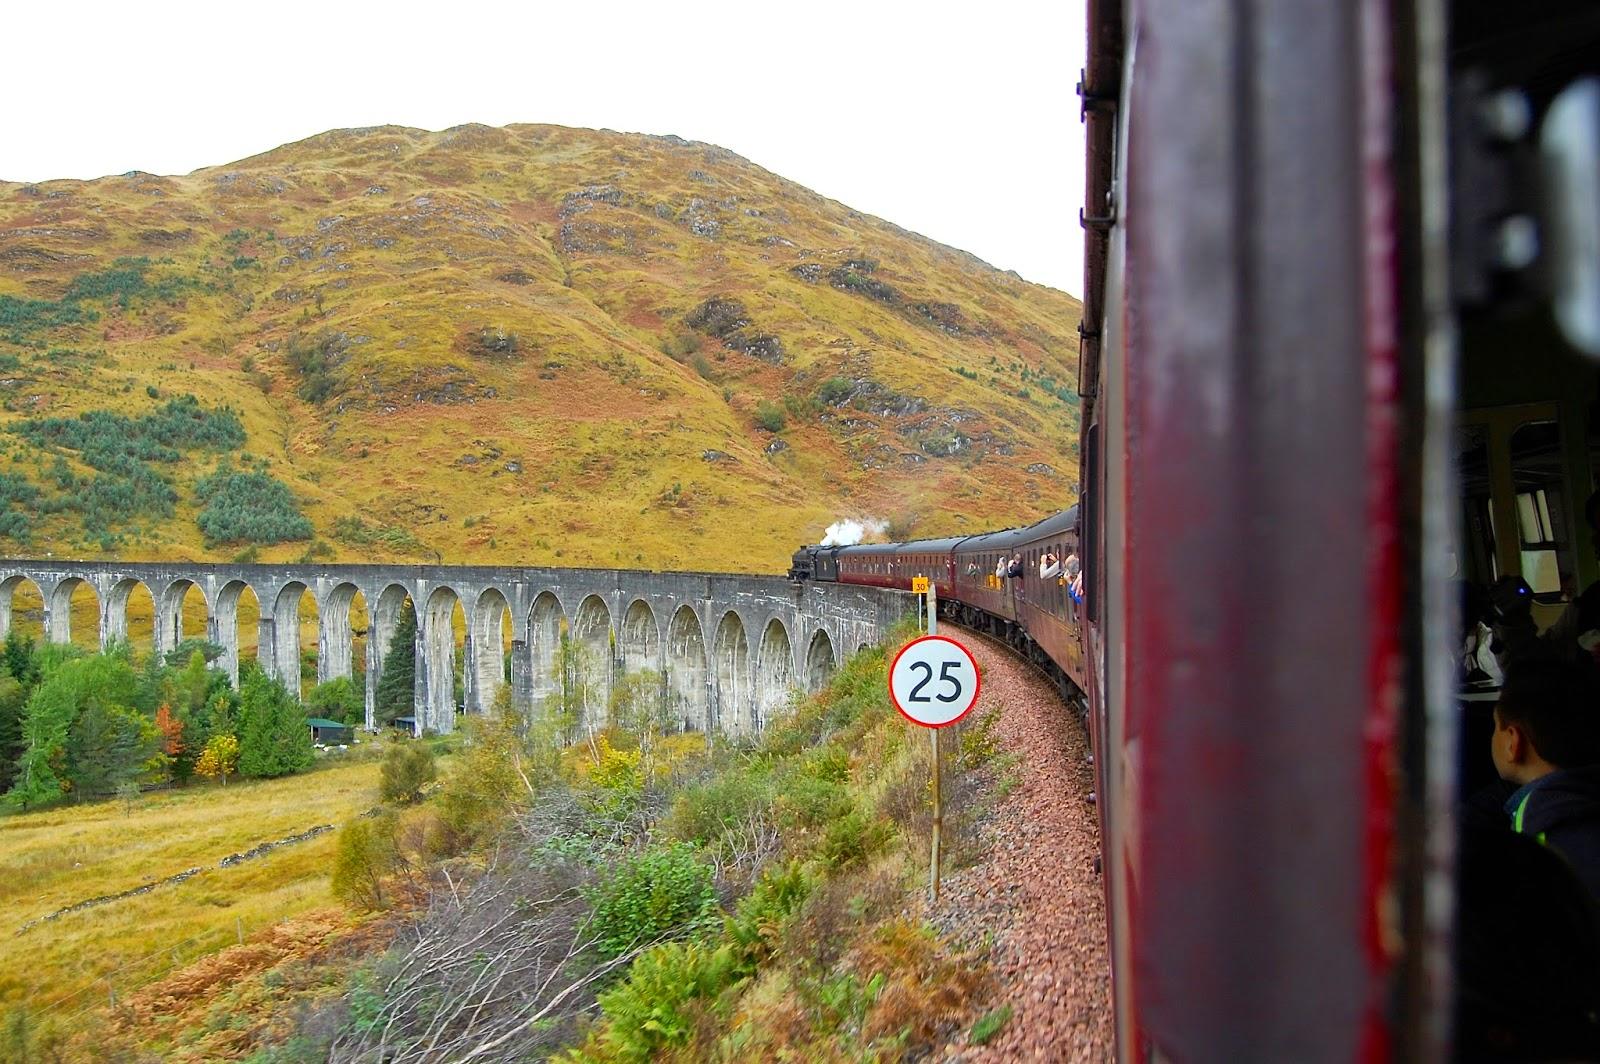 Crossing the Glenfinnan Viaduct